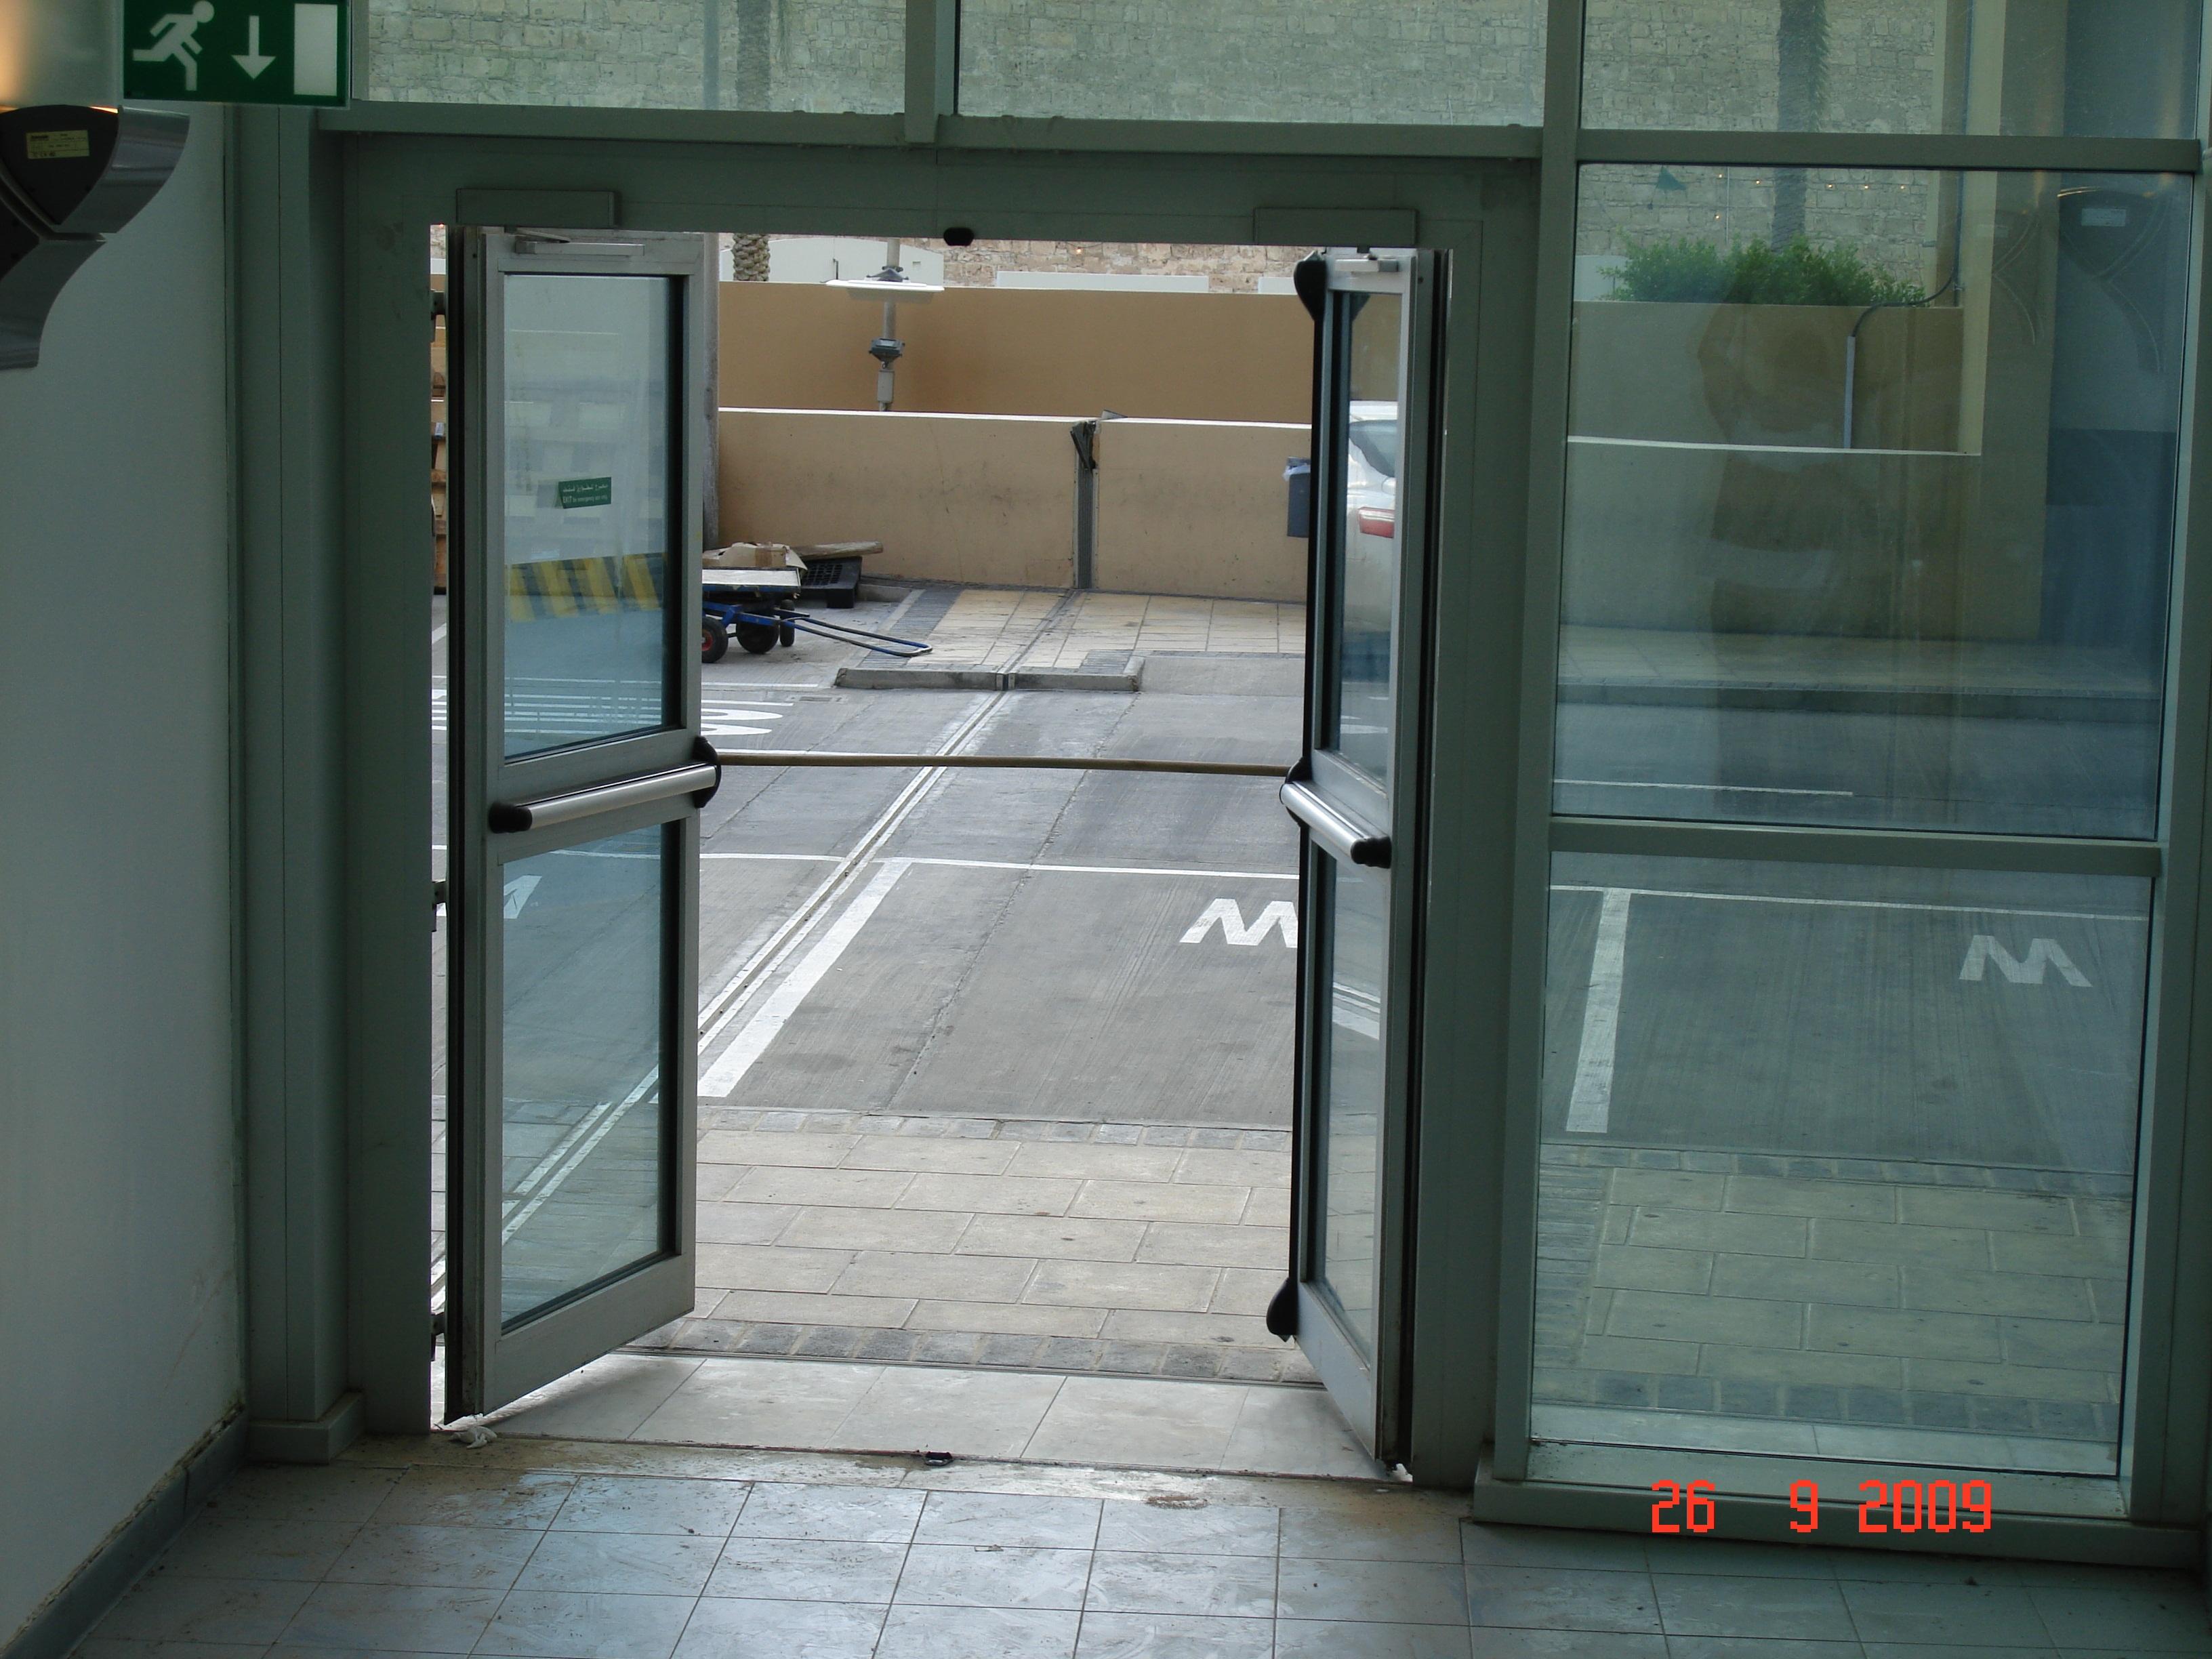 باب المبنى الخارجي